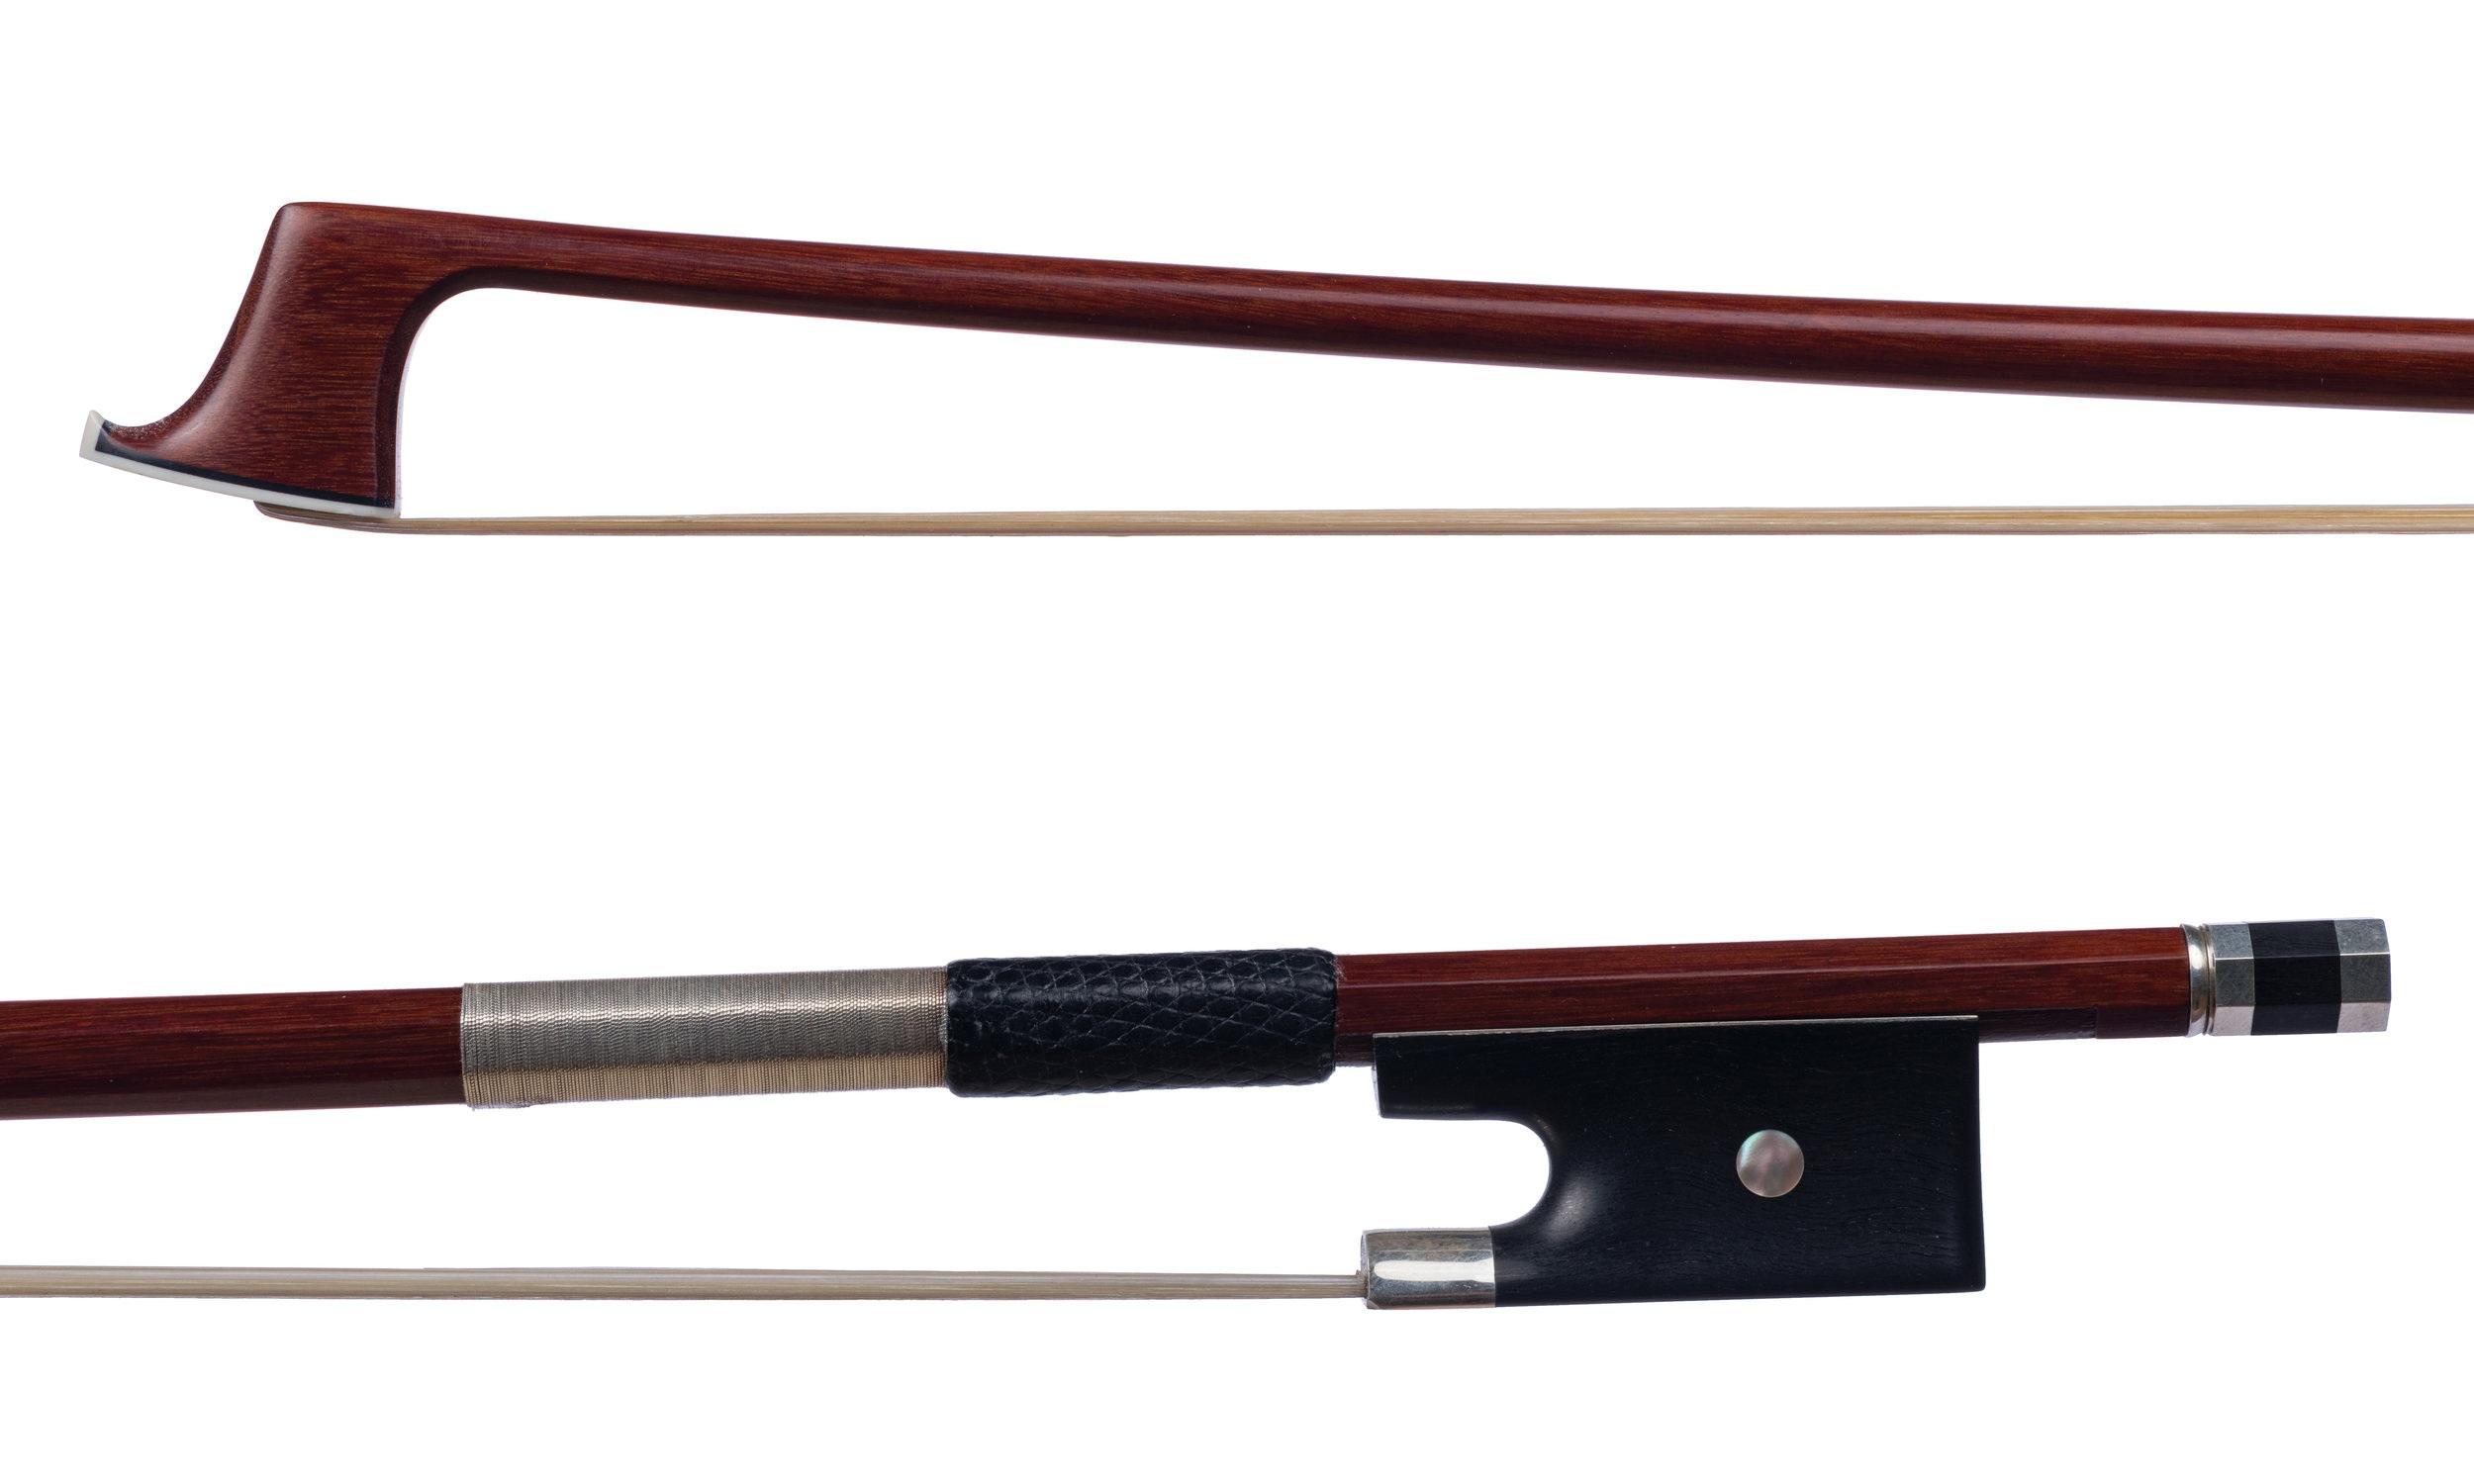 Seman+Violins+Workshop%2C+unstamped+Vuillaume+copy+vn+bow+3784.jpg